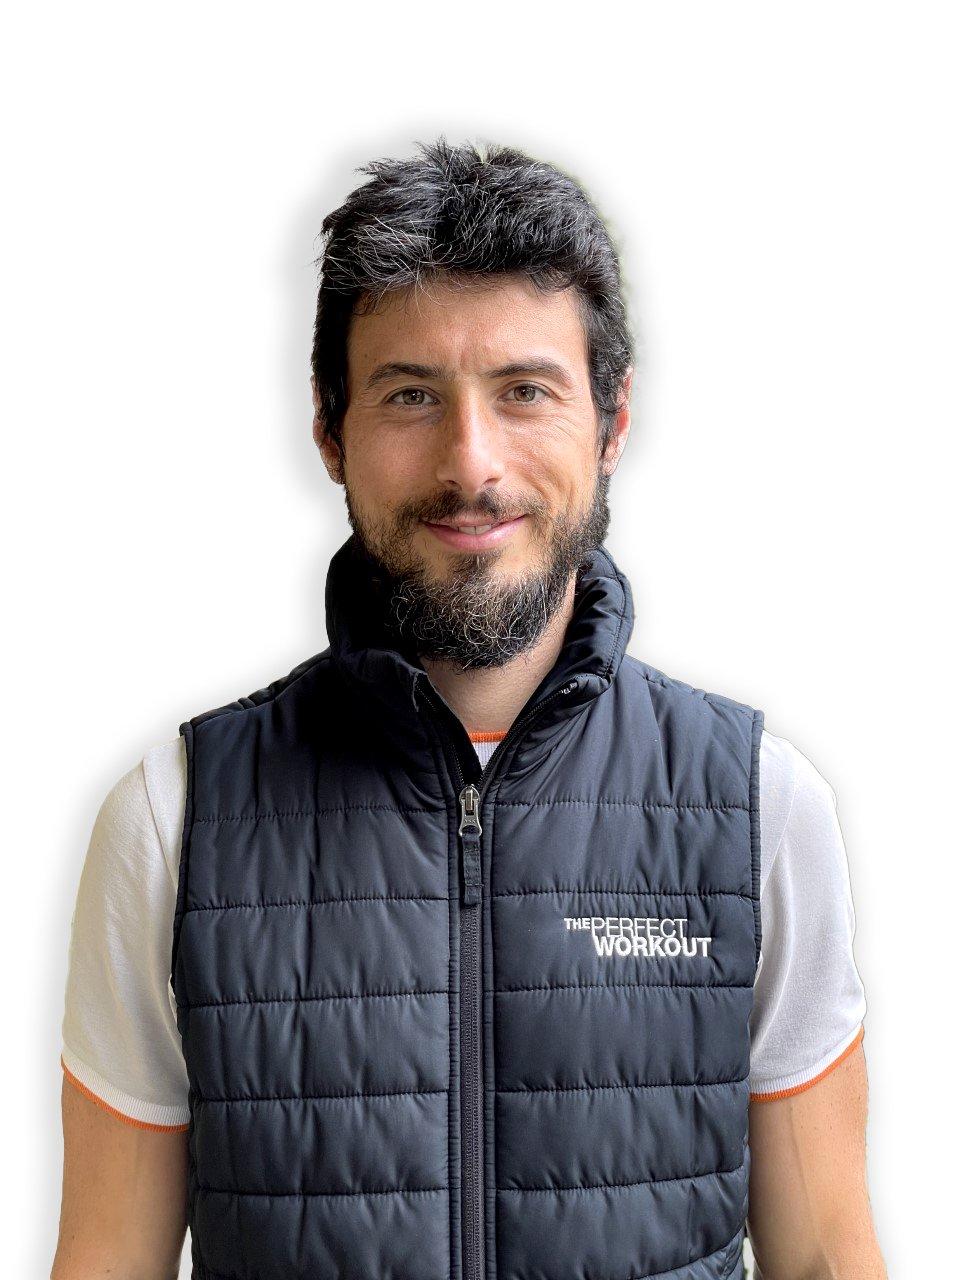 Matteo Colombo